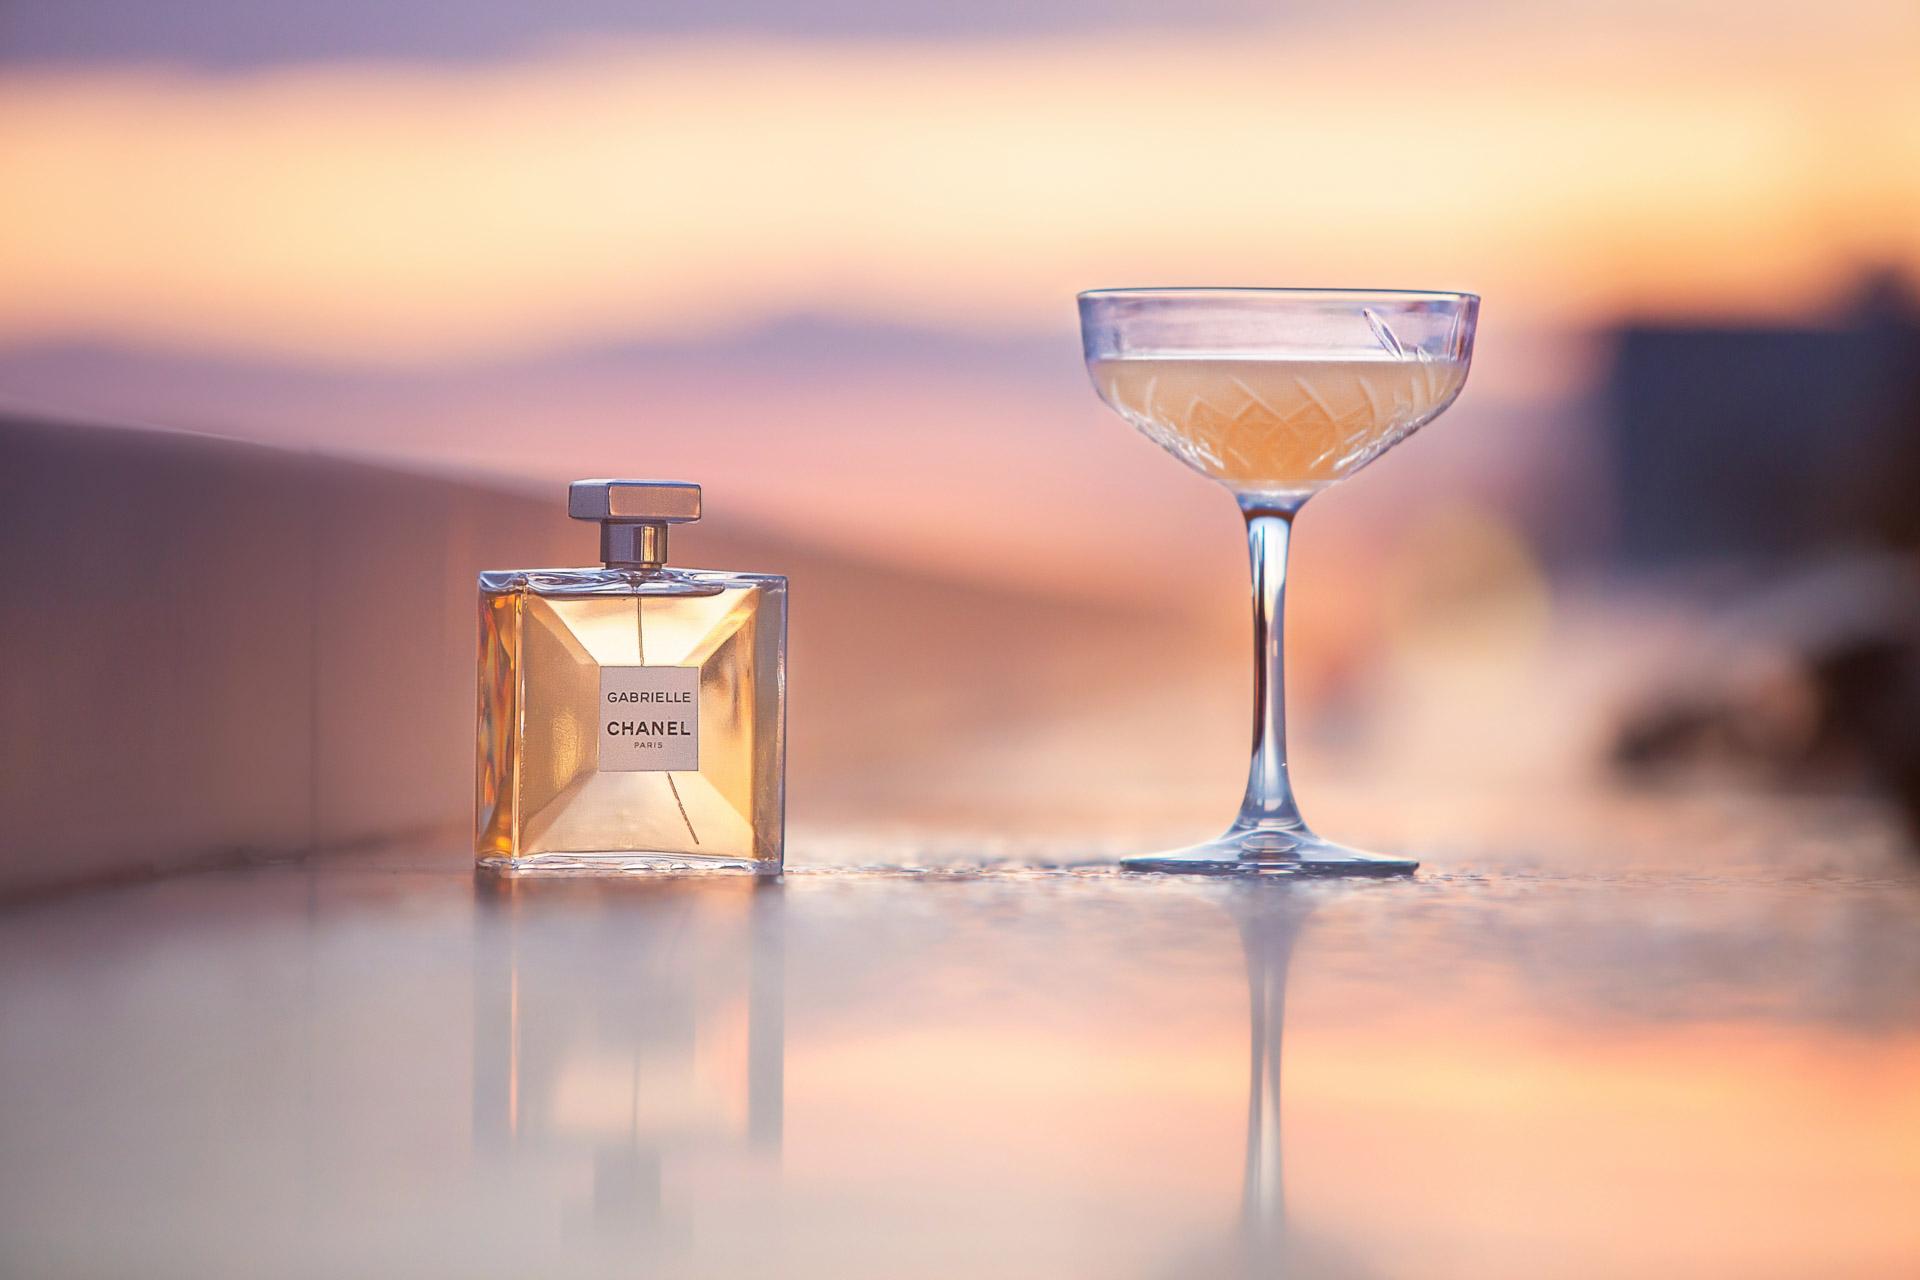 nouveau parfum gabrielle · galeries lafayette